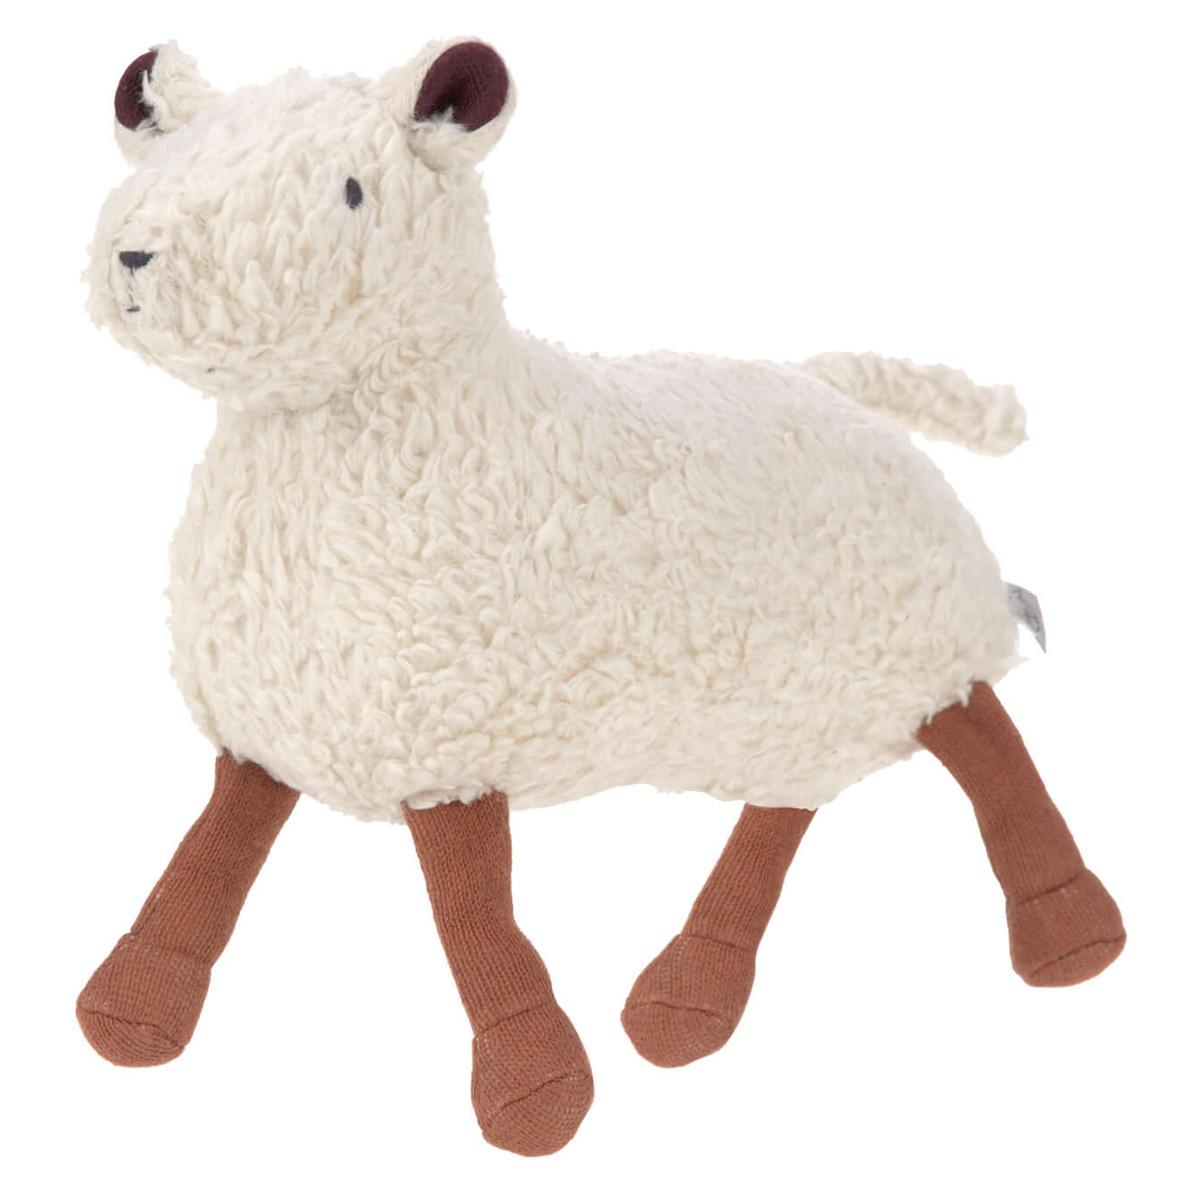 Peluche Peluche Audio Bluetooth Tiny Farmer Mouton Peluche Mouton 21 cm